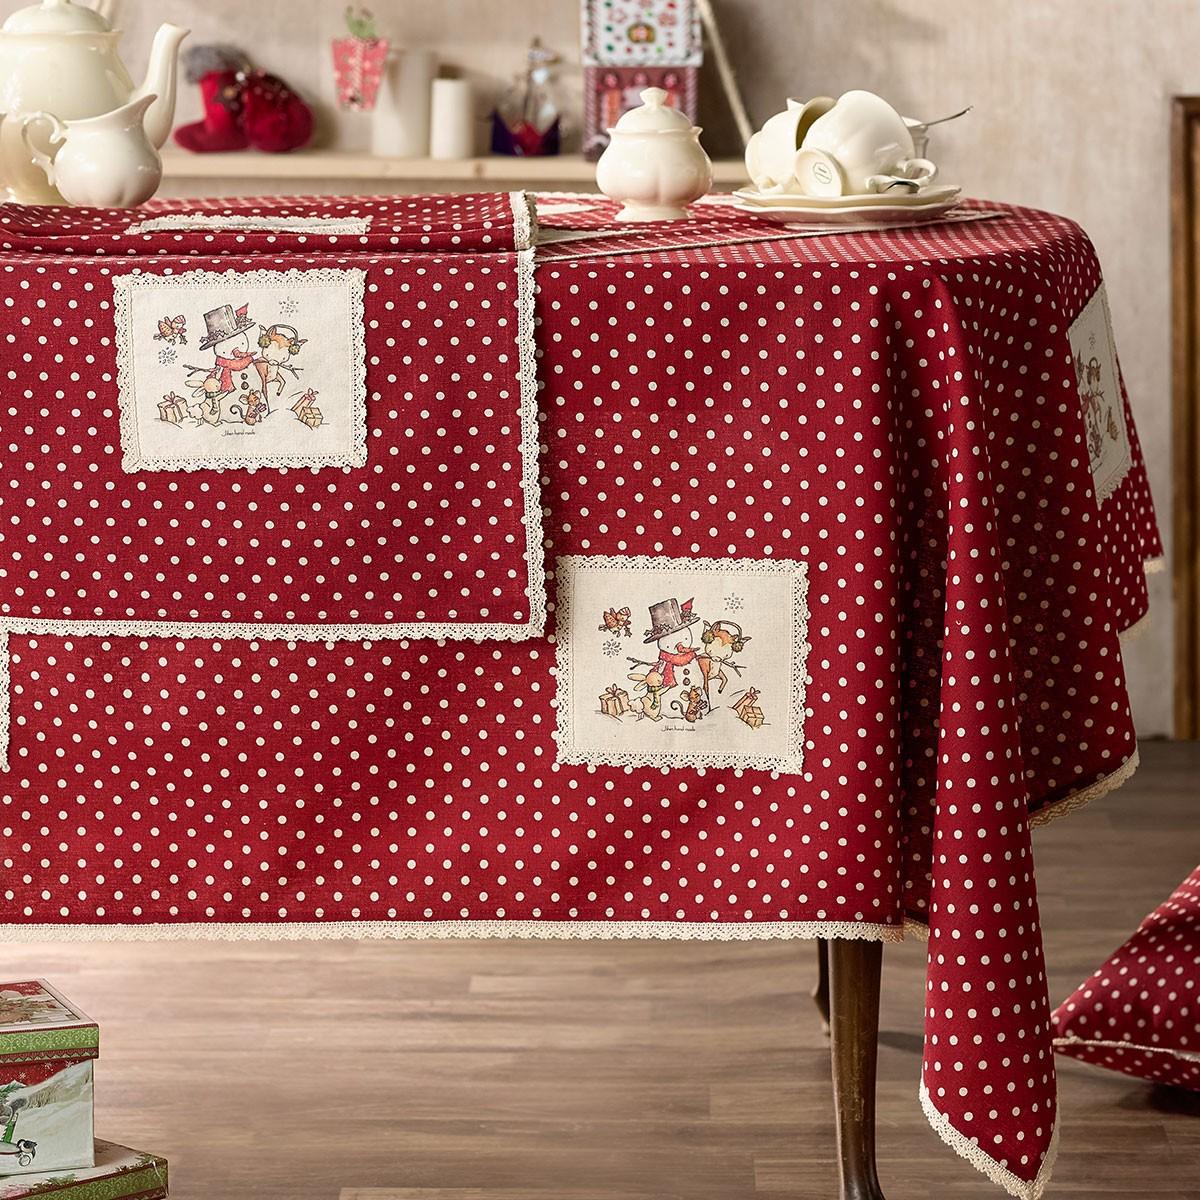 Χριστουγεννιάτικο Τραπεζομάντηλο (135×180) Gofis Home Frosty 877